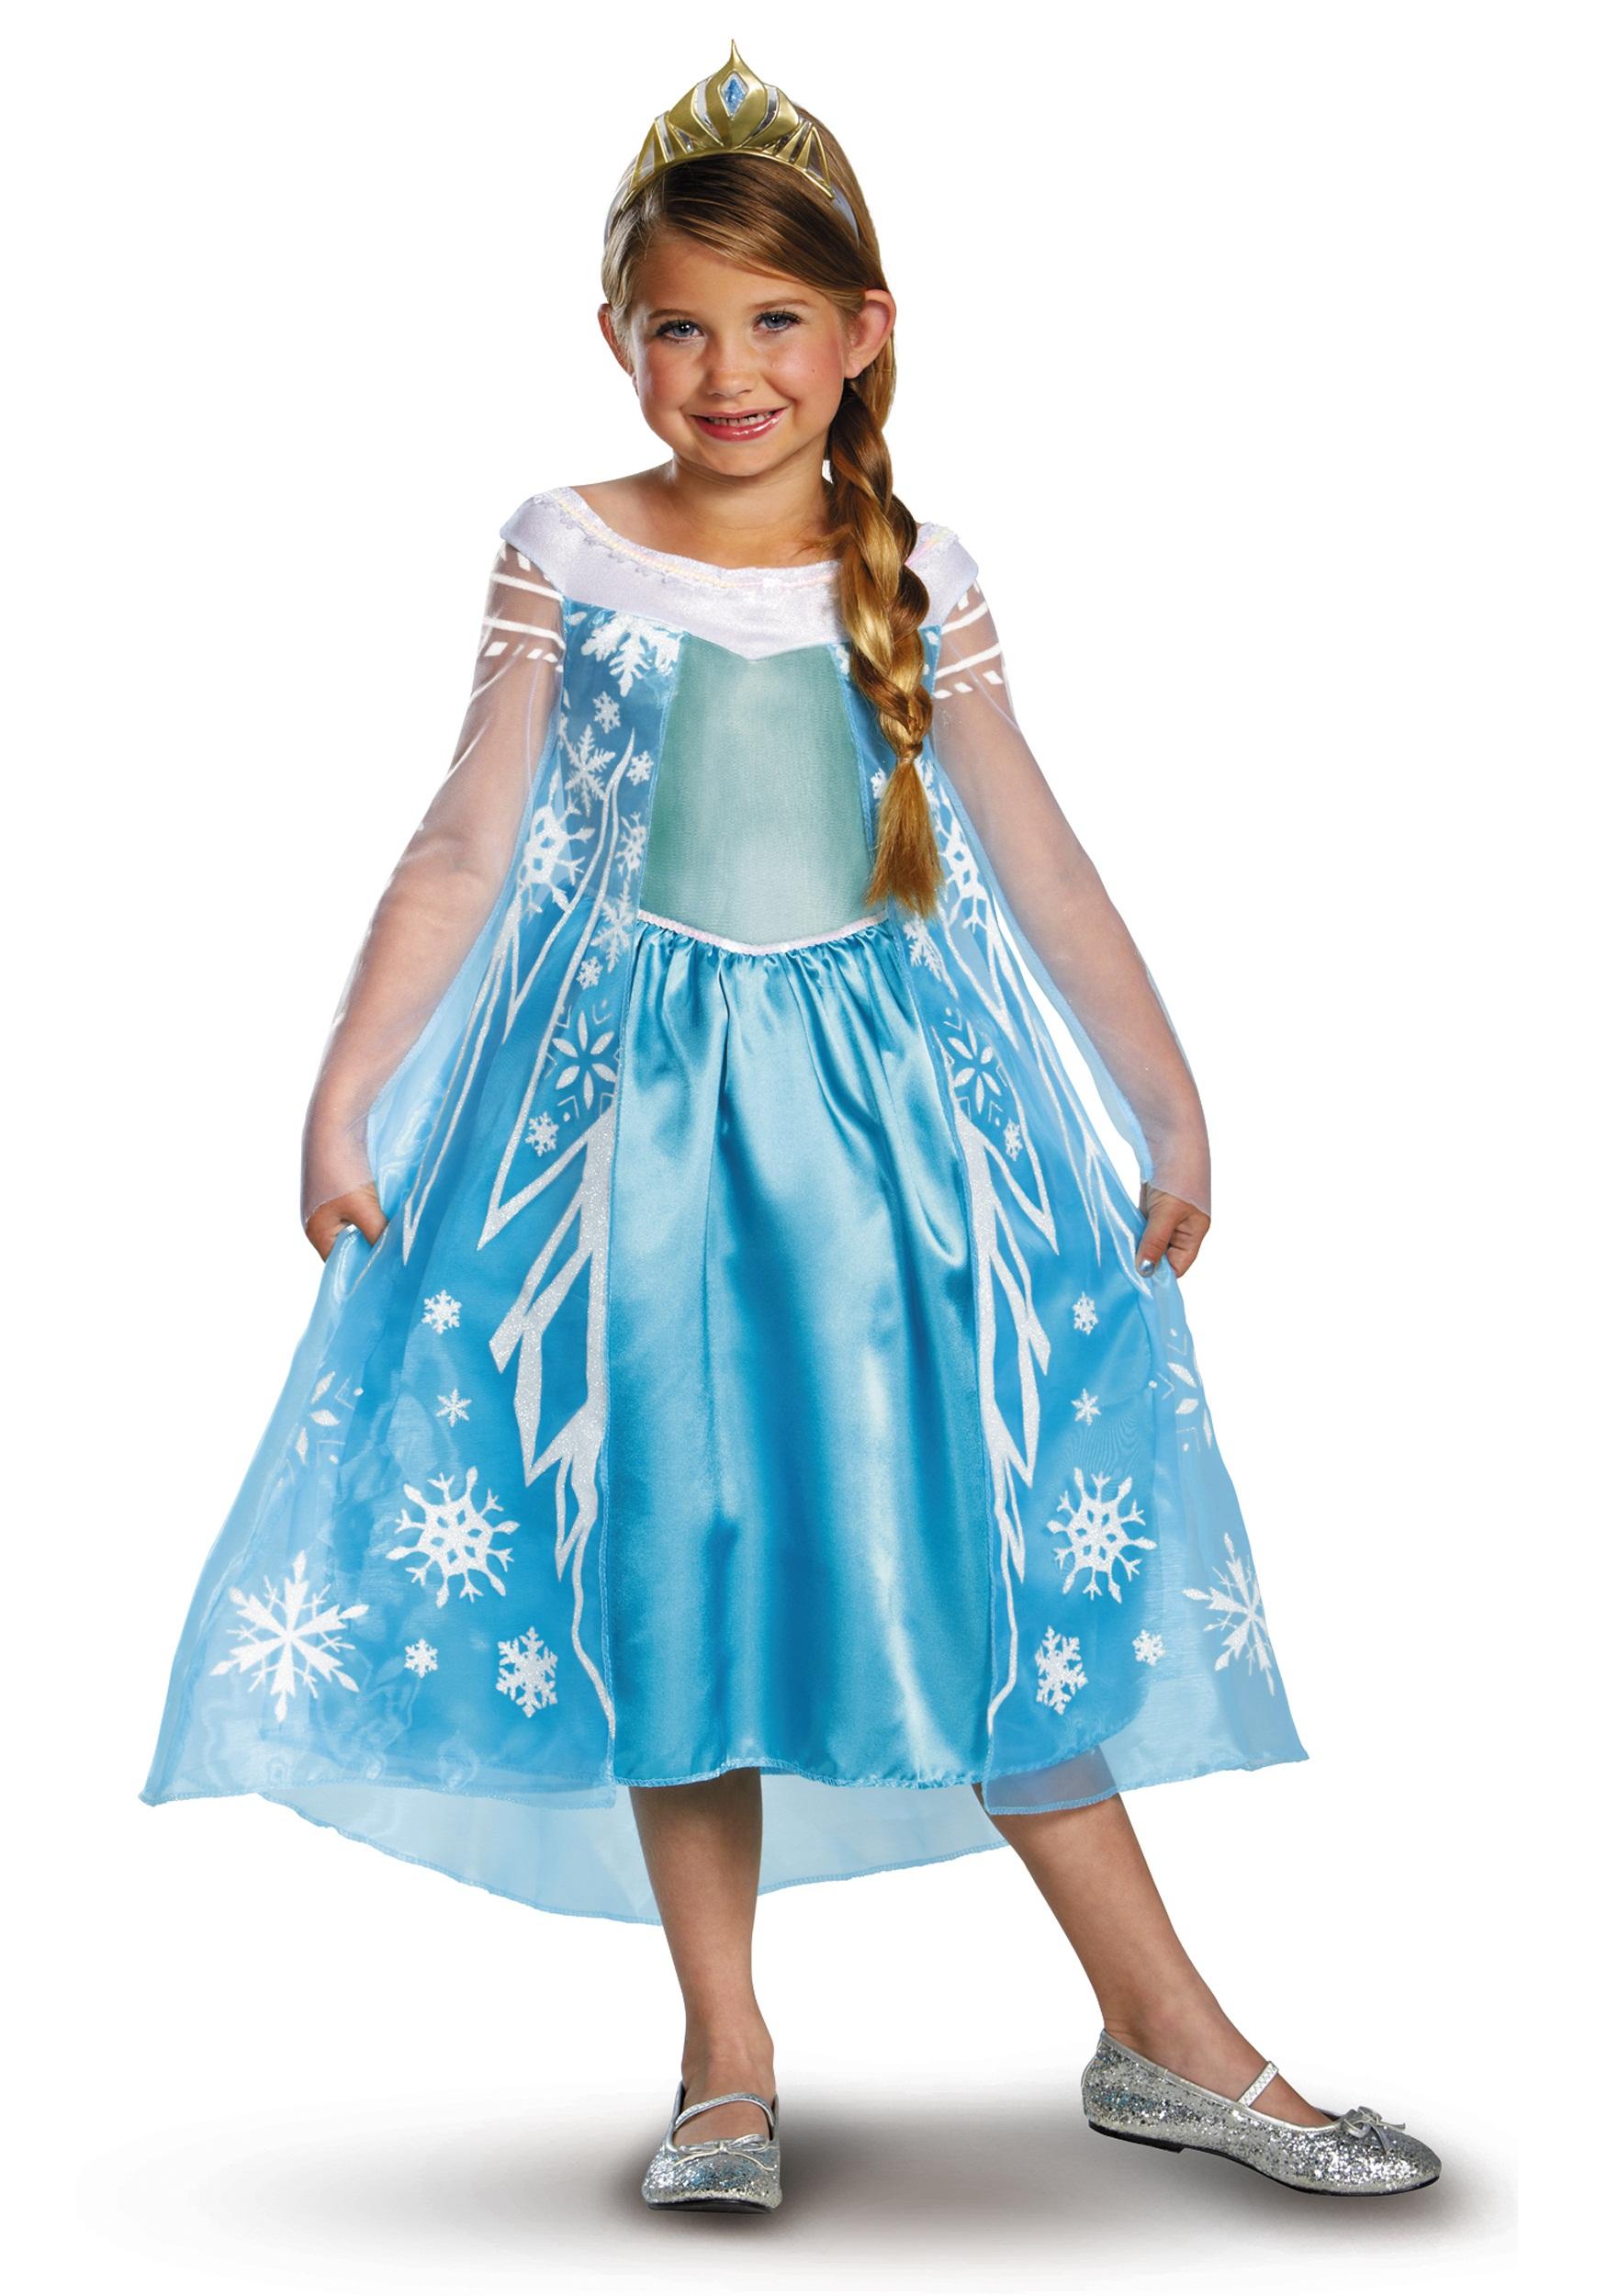 Elsa Deluxe Frozen Costume  sc 1 st  Halloween Costumes & Elsa Deluxe Frozen Costume - Halloween Costumes